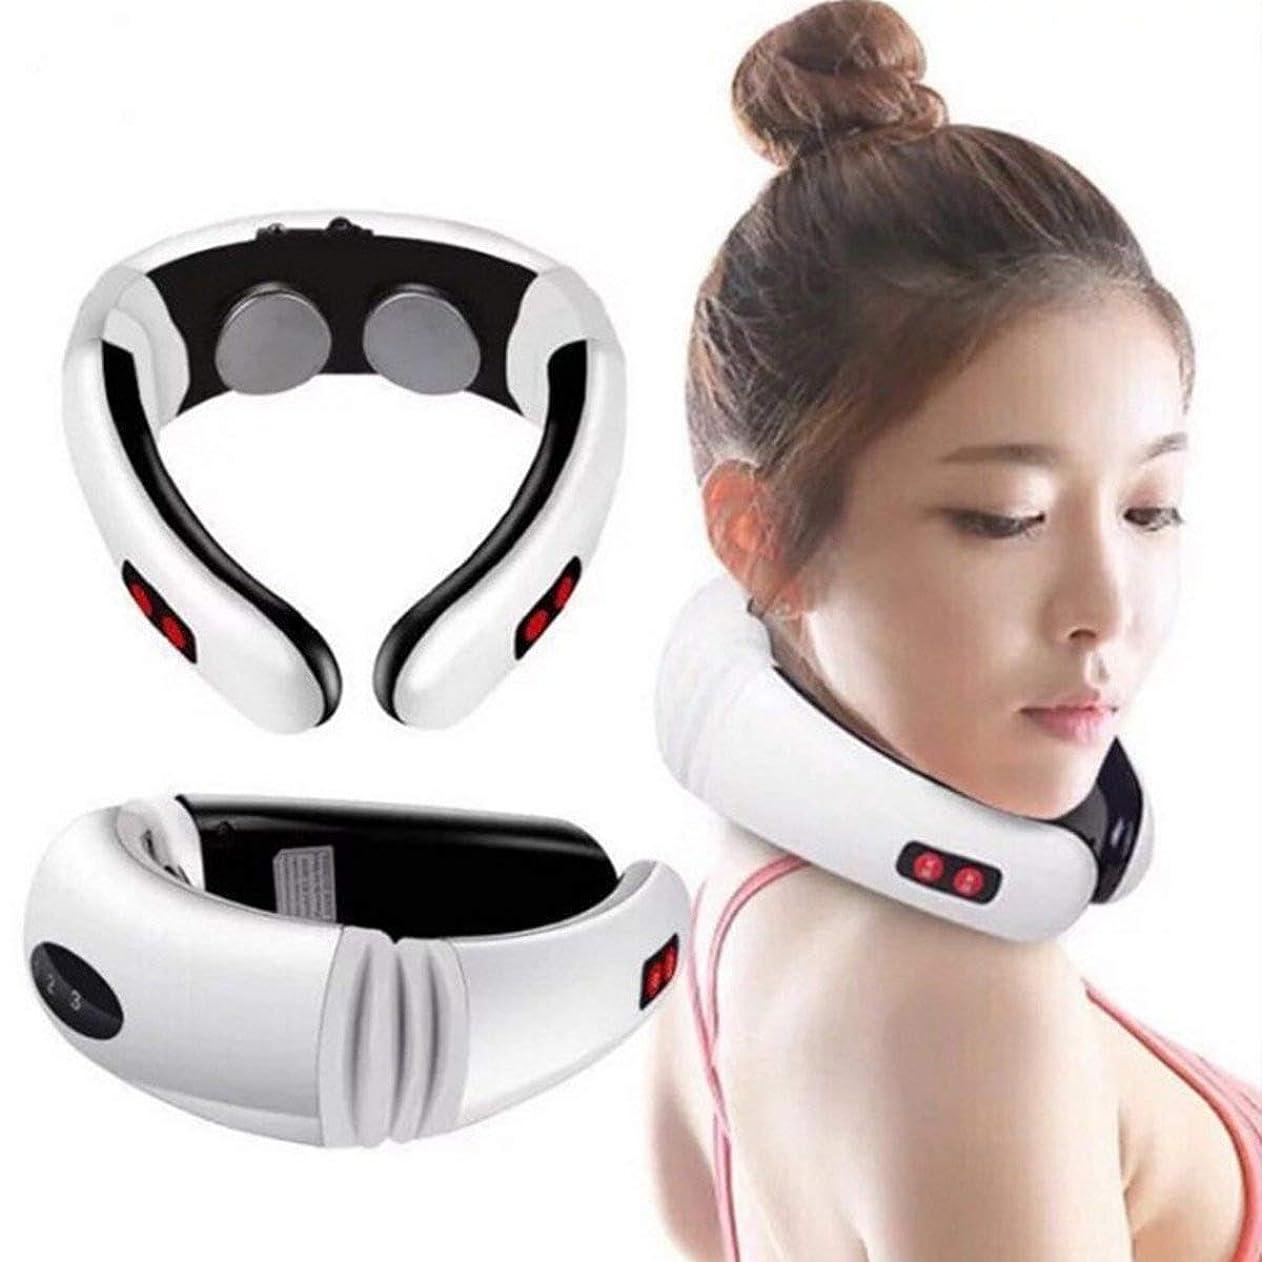 経験幻滅ヘッジWireless Massager, Electric Pulse Cervical Massager, For Neck Body Shoulder Relax Massage, Muscle Pain Relief,battery